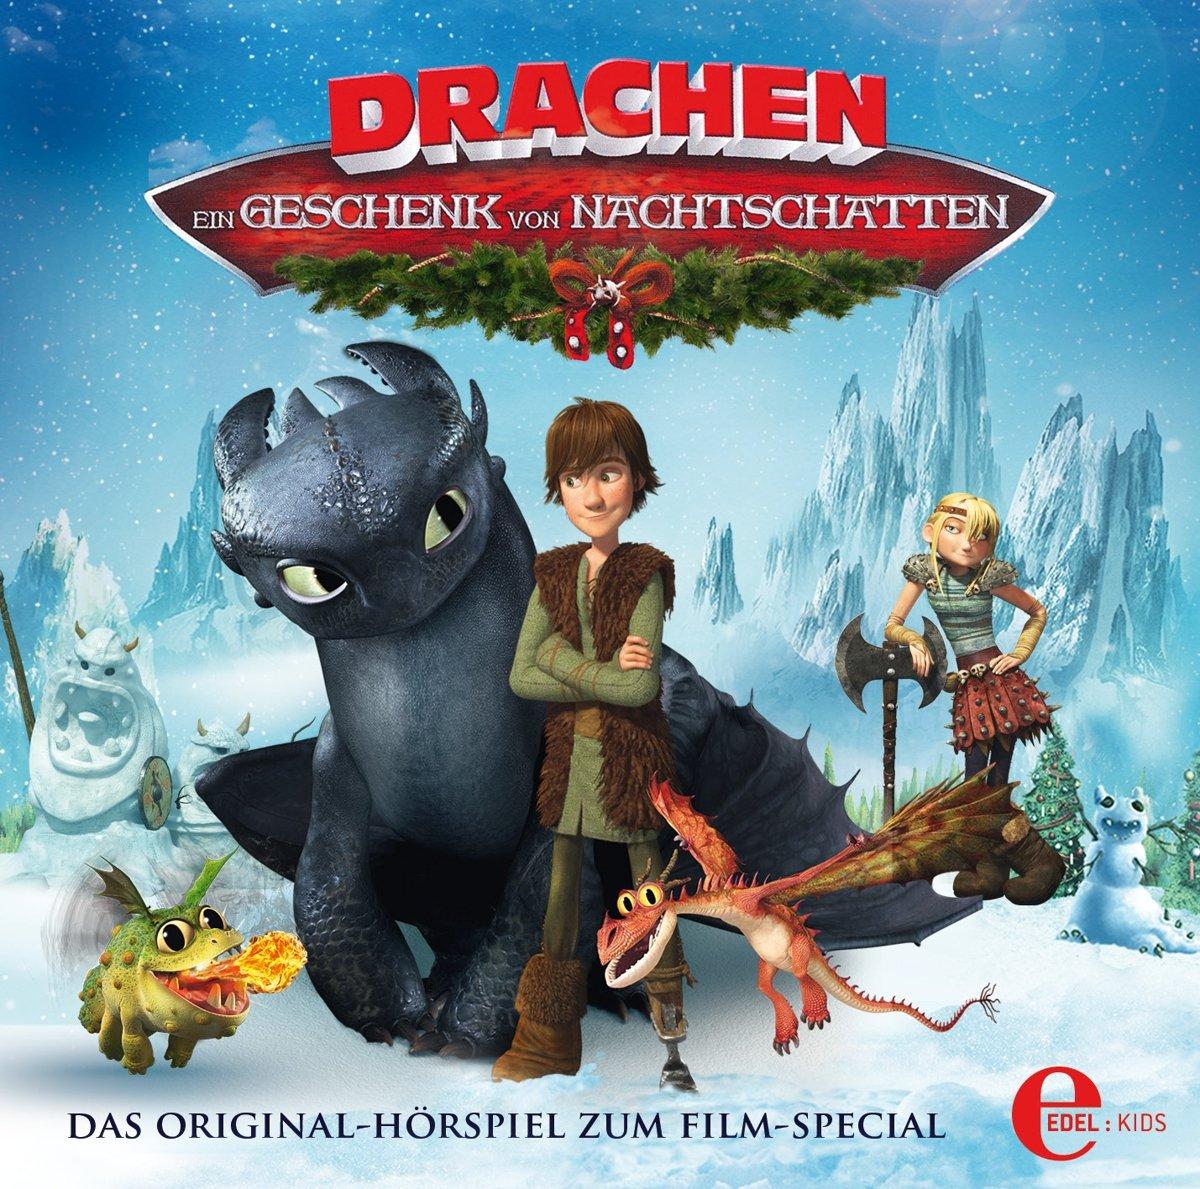 Hsp Z.Film-Special-Ein Geschenk Von Nachtschatten - Drachen: Amazon ...